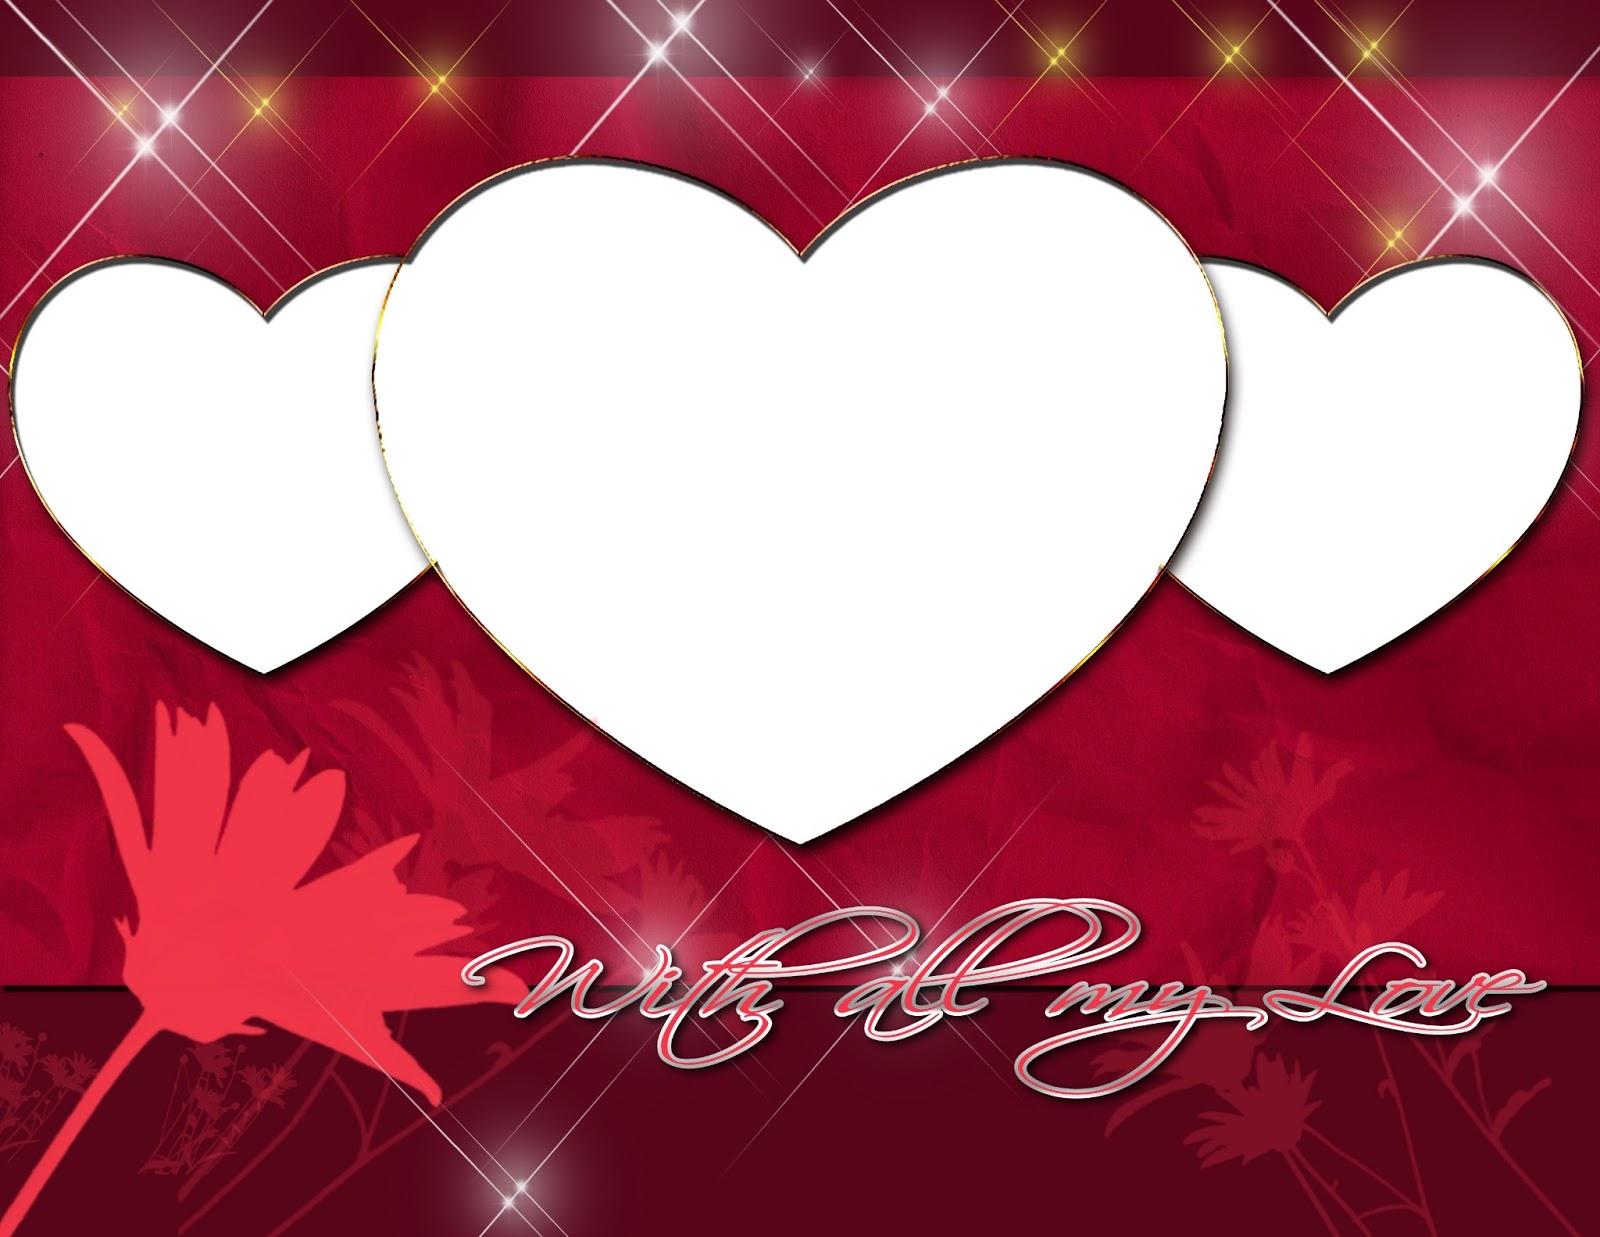 Descargar marcos de amor para fotos png gratis - Imagui